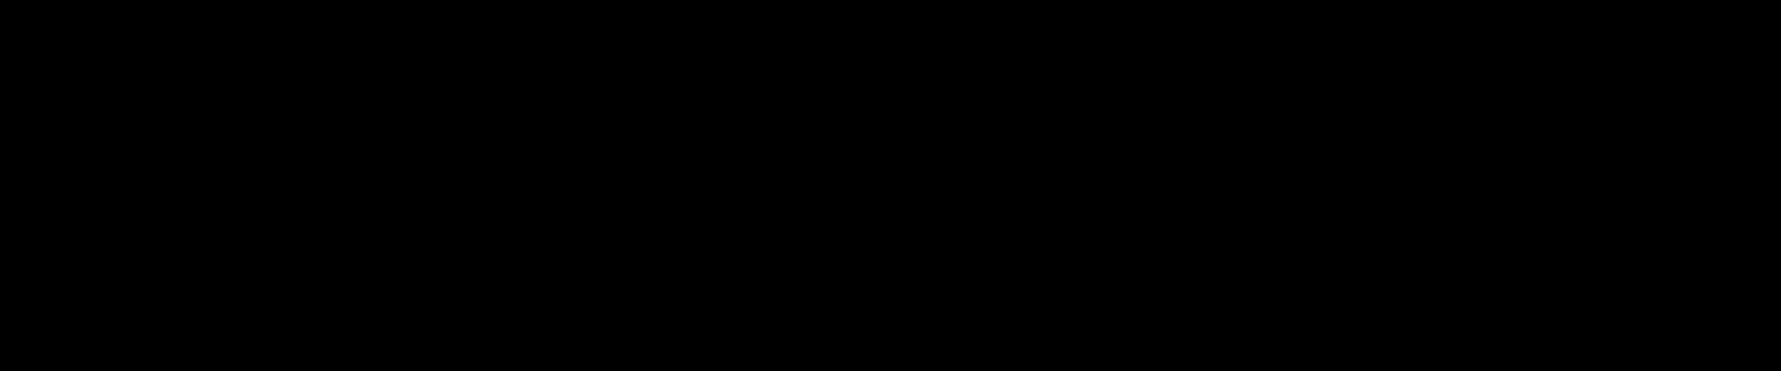 ZakoNoc - Tanie Noclegi w Zakopane i Okolice | ZakoNoc – Tanie Noclegi w Zakopane i Okolice   Reset password